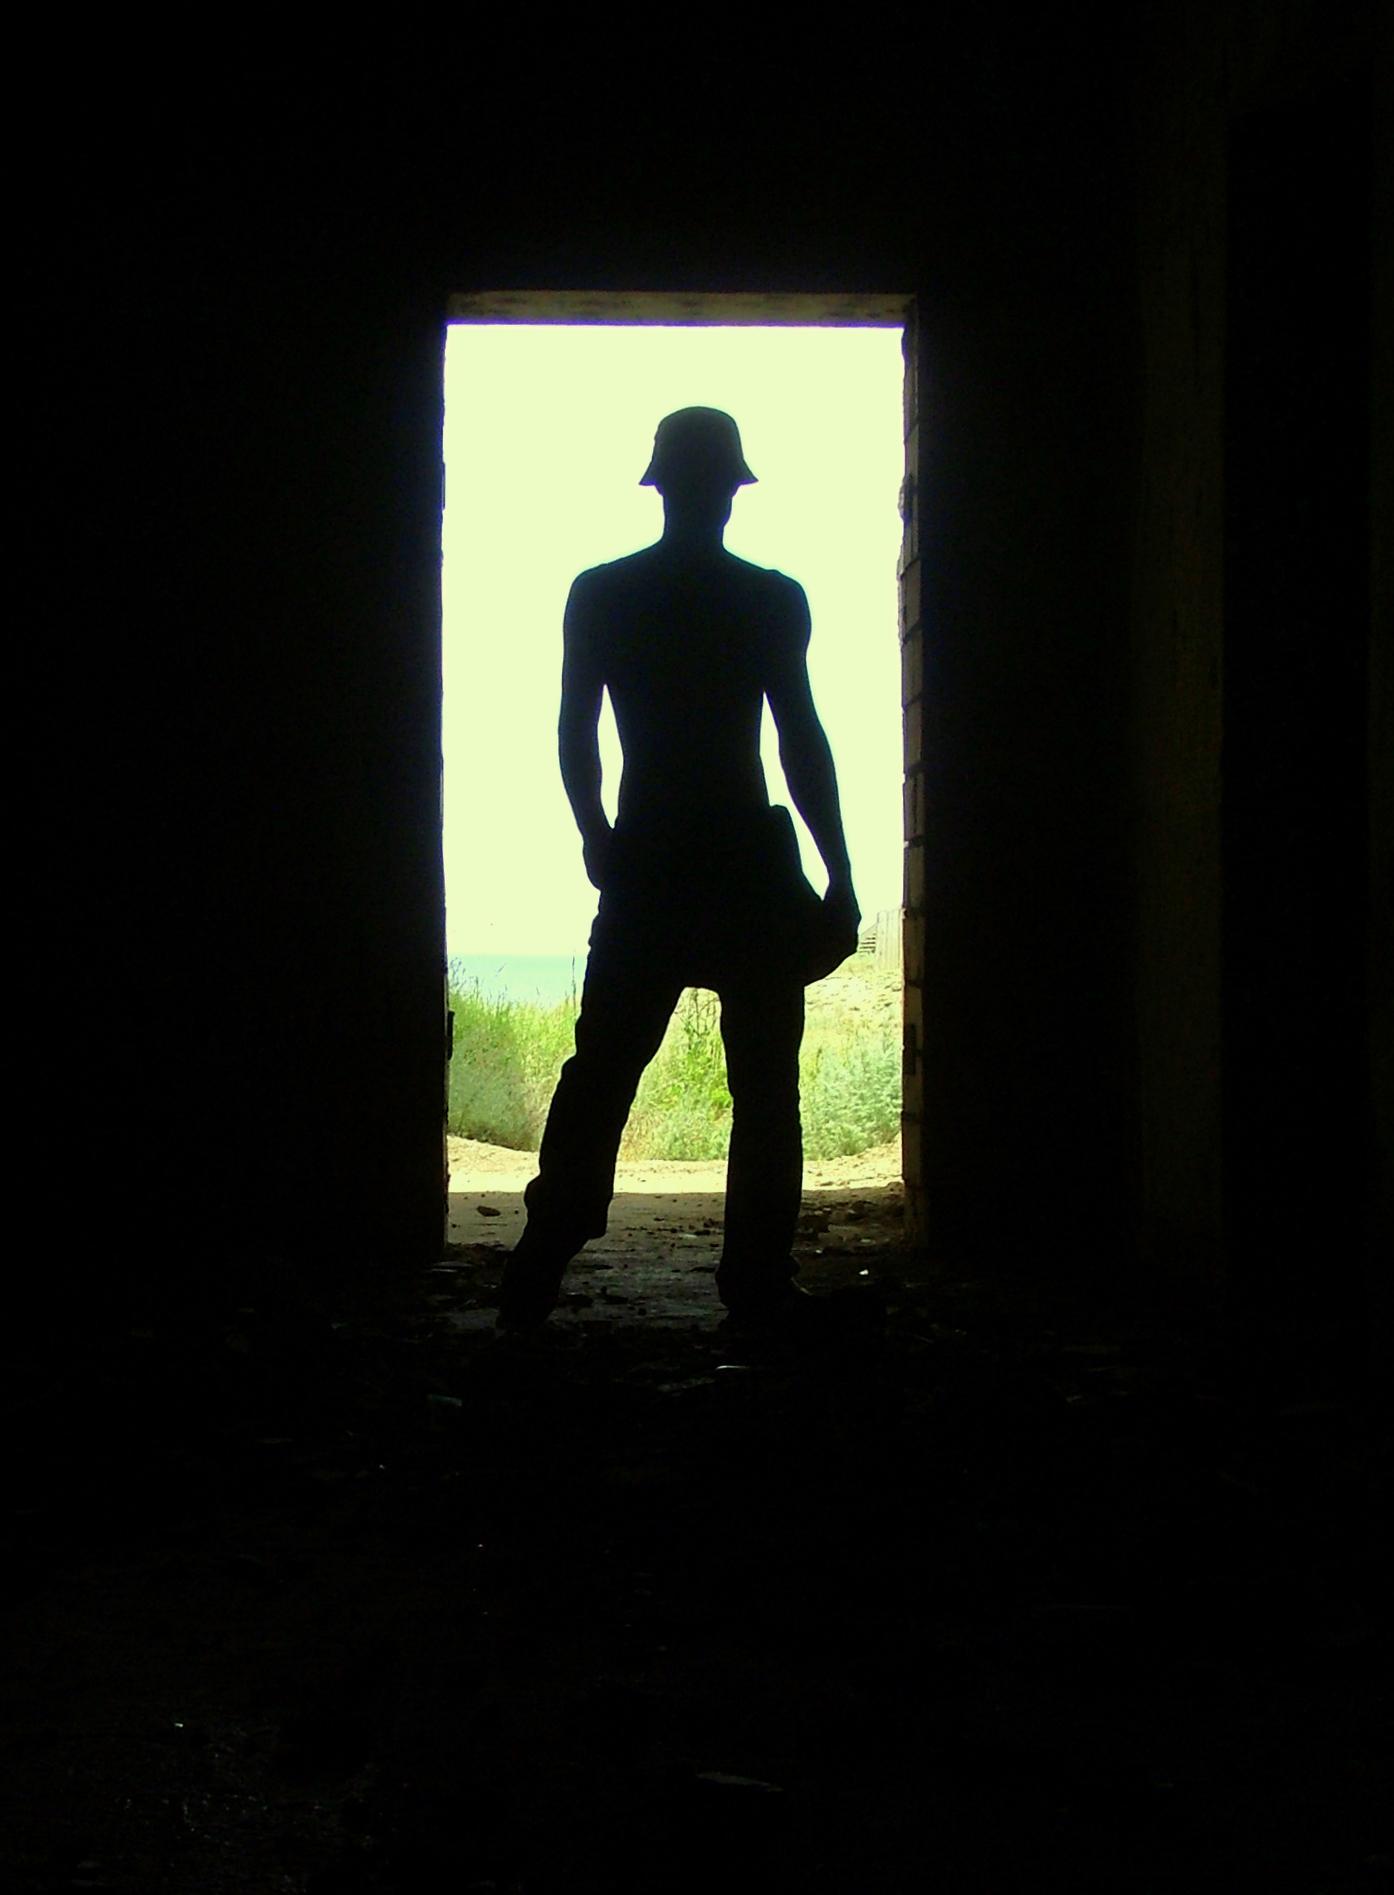 631461 35513482 - Vstupní brána: imaginativní okultní hry